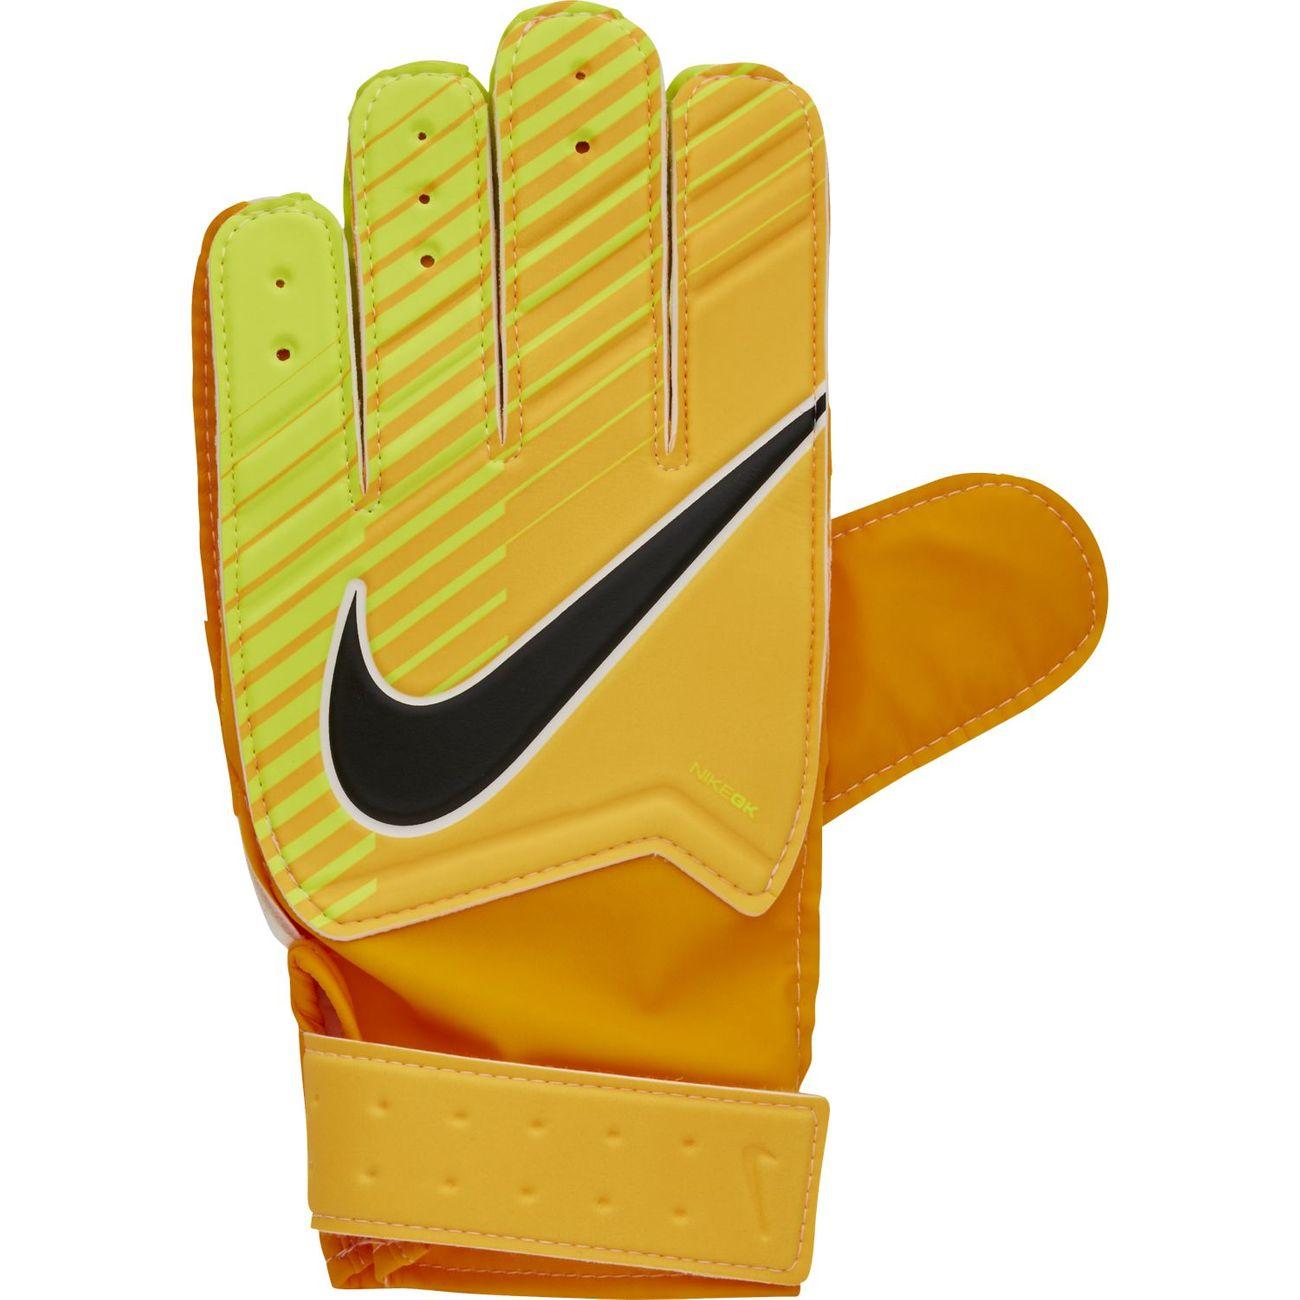 63f4e7172d Gants De Gardien Nike Gk Match – achat et prix pas cher - Go Sport